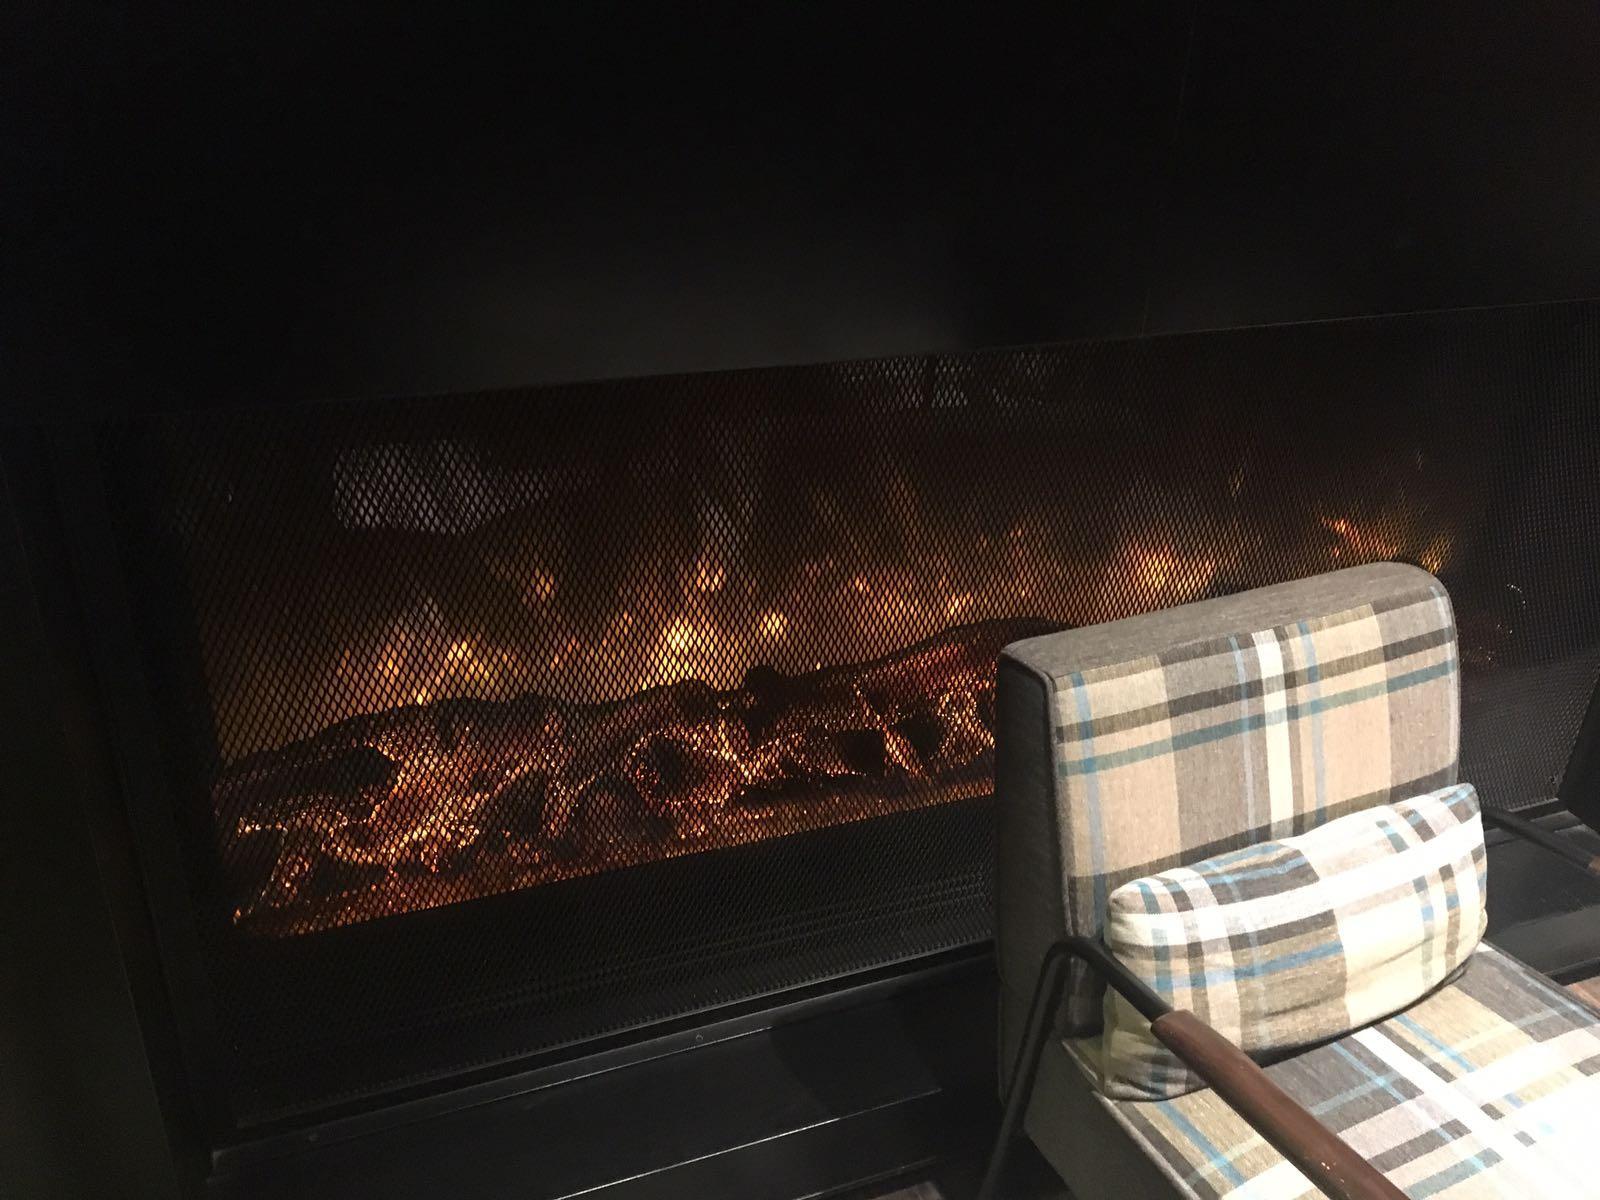 香港新蒲岗贝尔特酒店两台电子壁炉案例